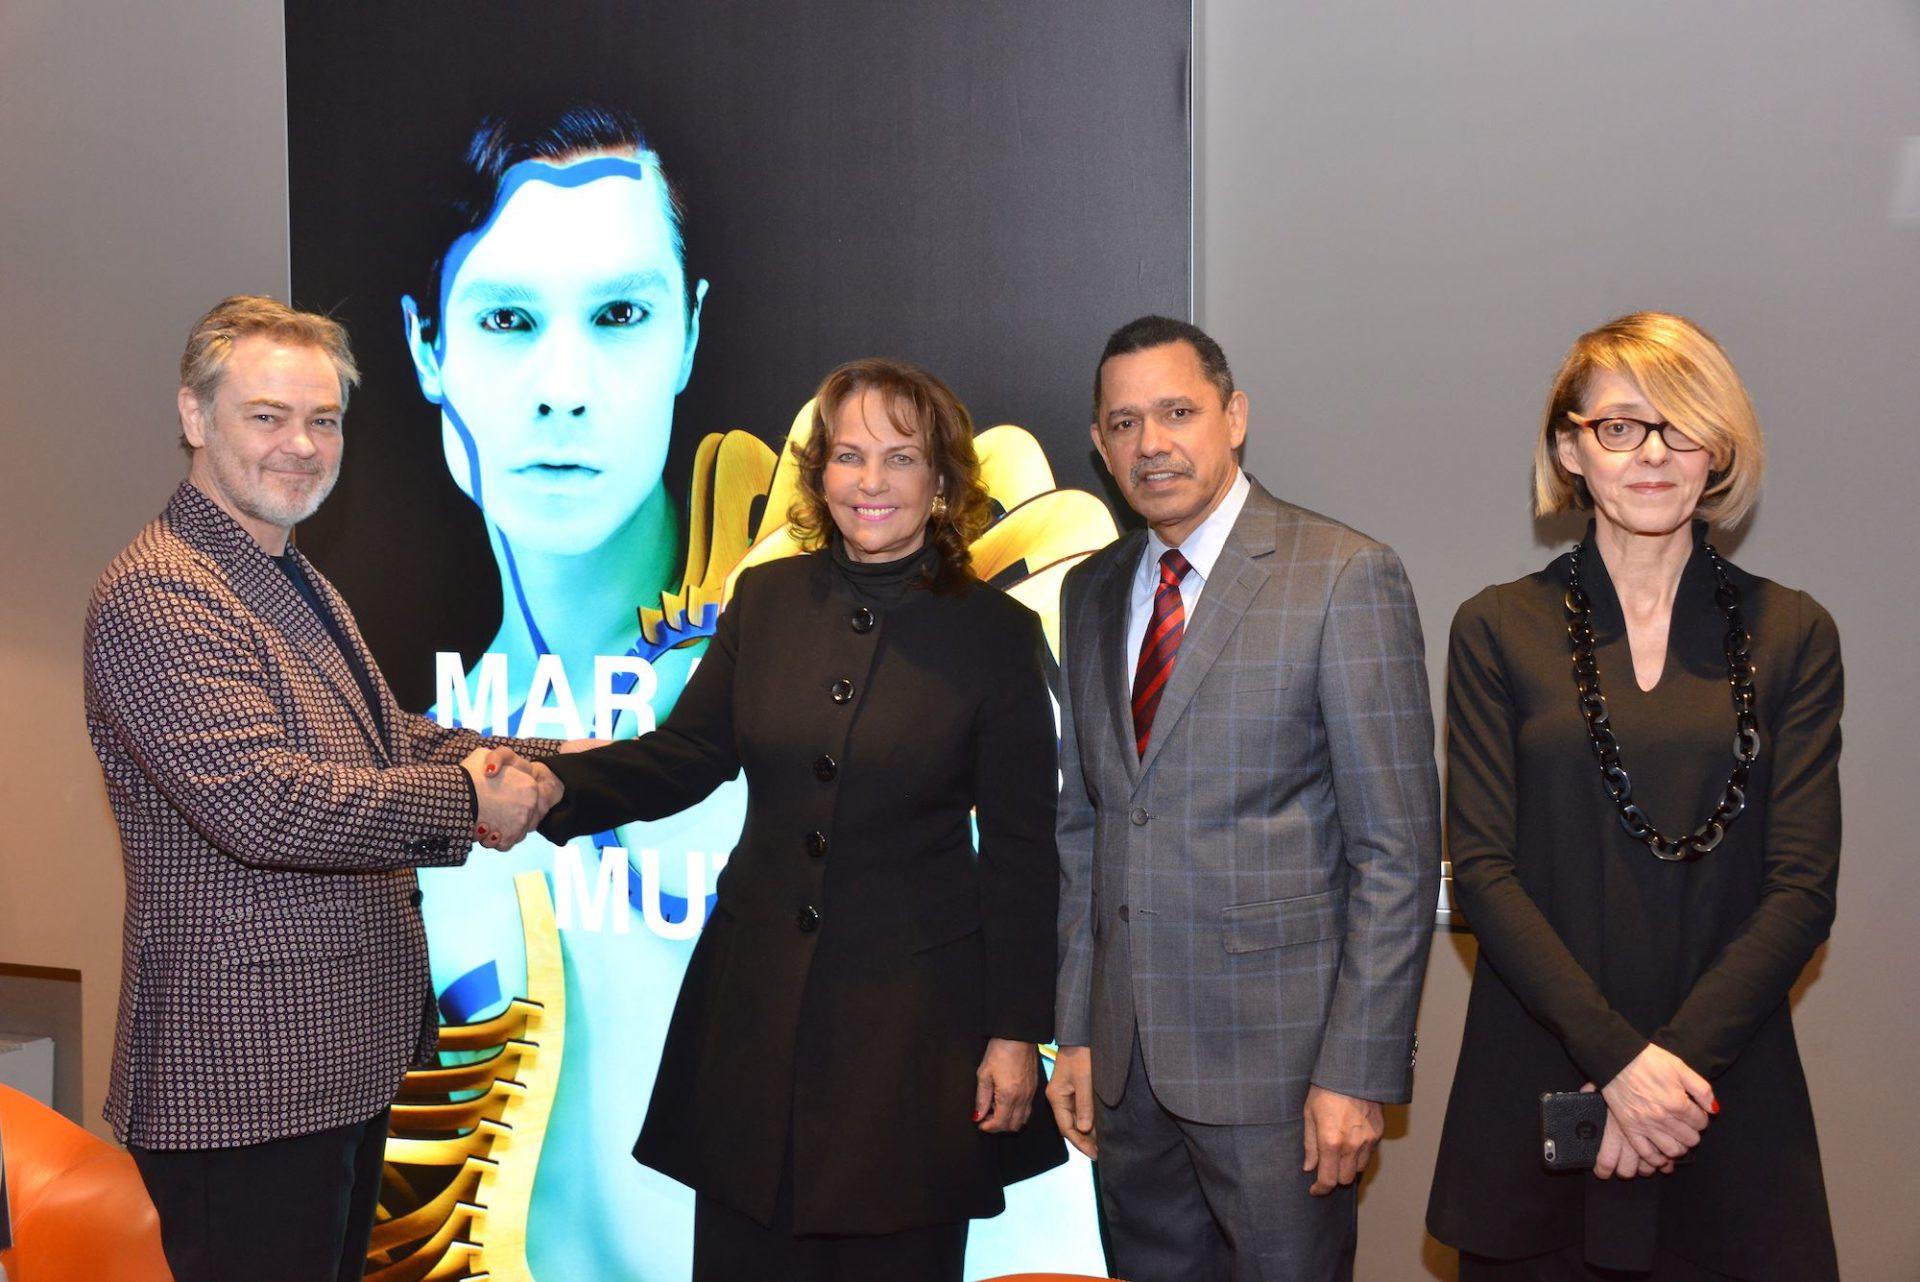 AUTORIDADES DE LA REP. DOMINICANA REALIZAN VISITA OFICIAL A INSTITUCIONES EN LA CIUDAD DE MILÁN